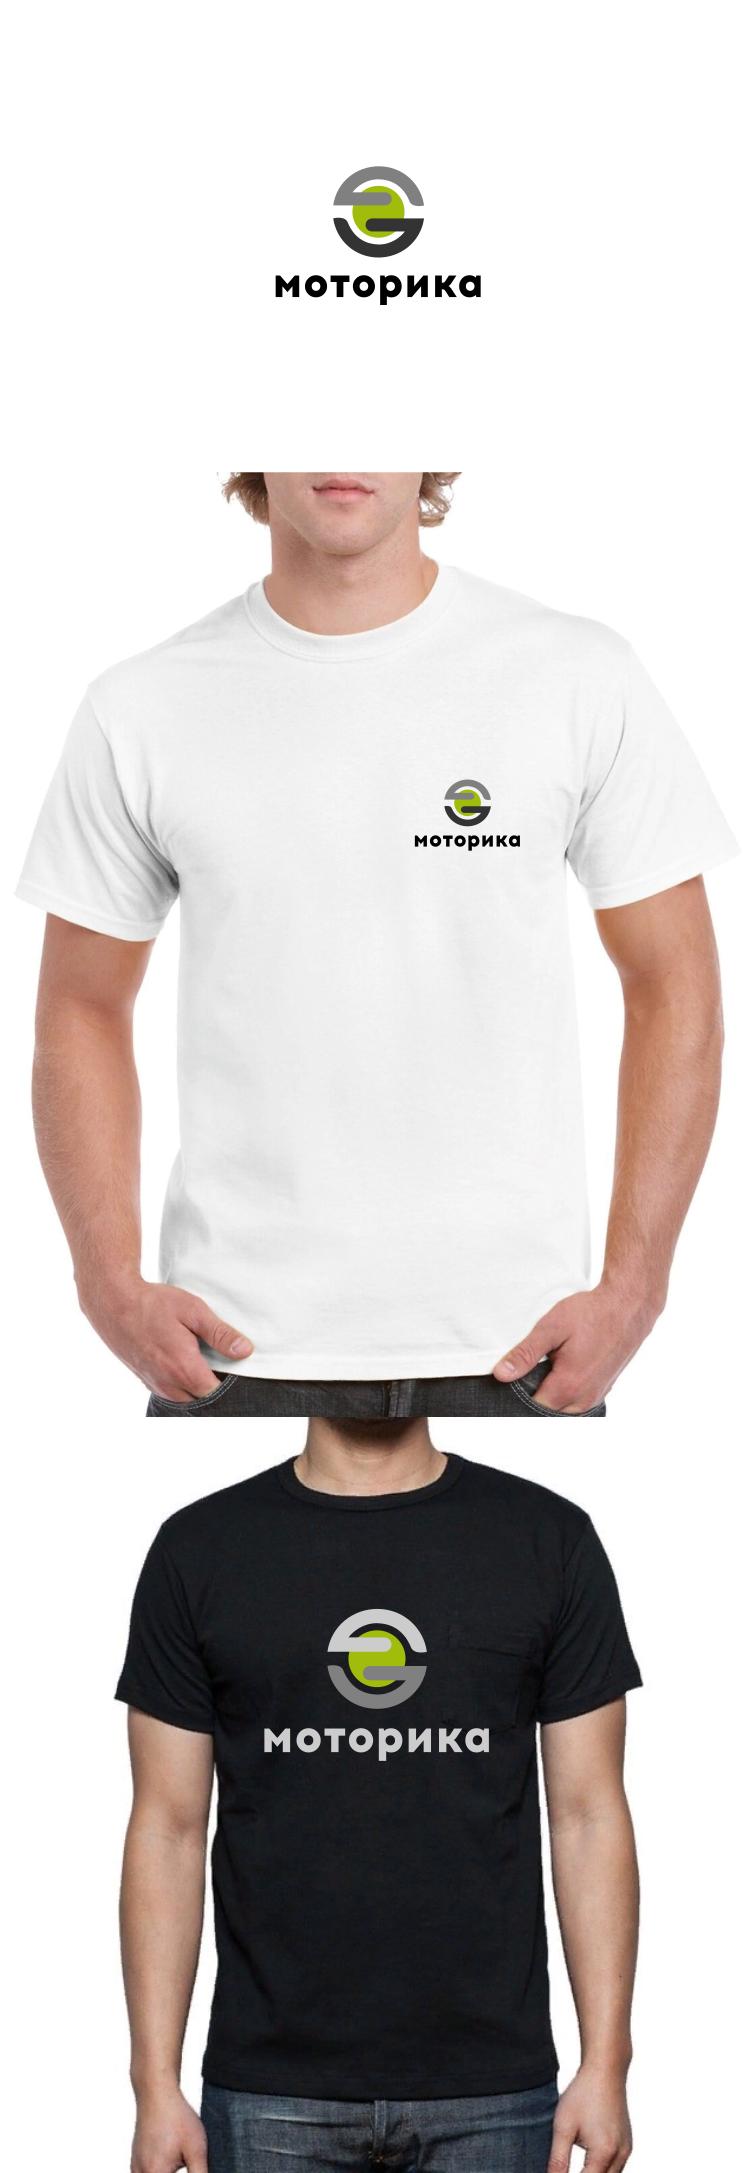 Нарисовать принты на футболки для компании Моторика фото f_39060a6cae5a5c73.png